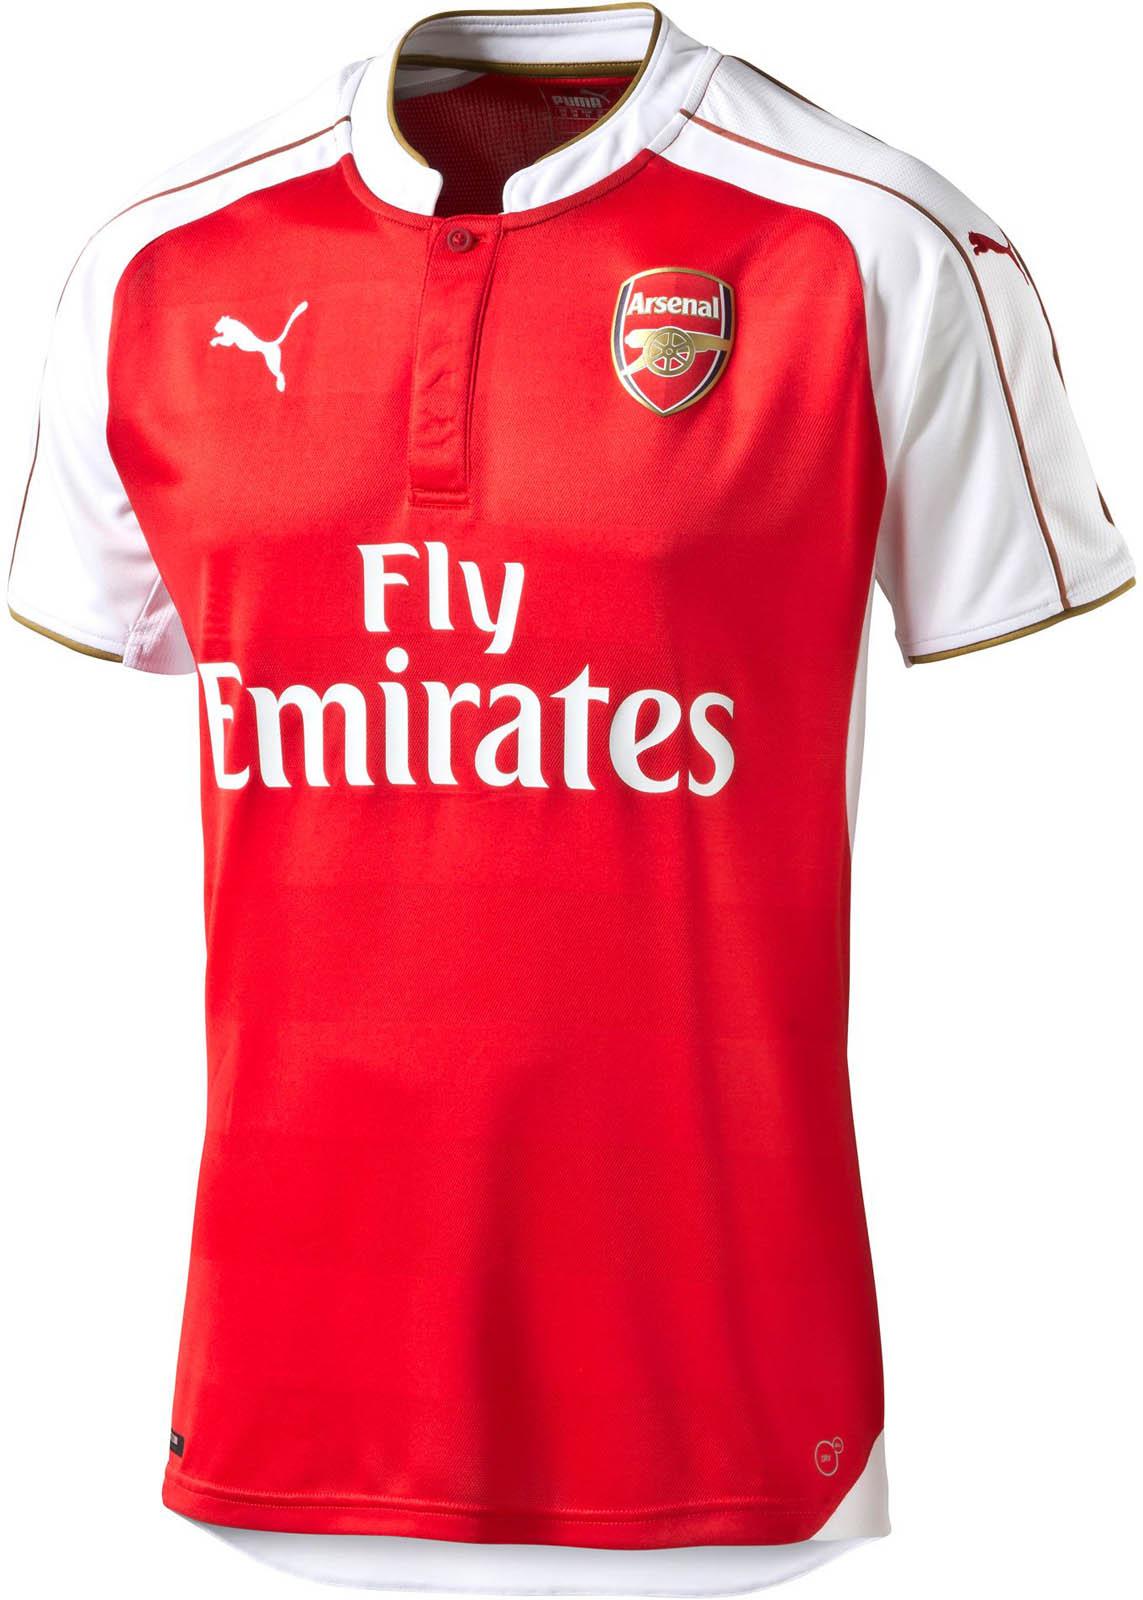 Trikot Arsenal